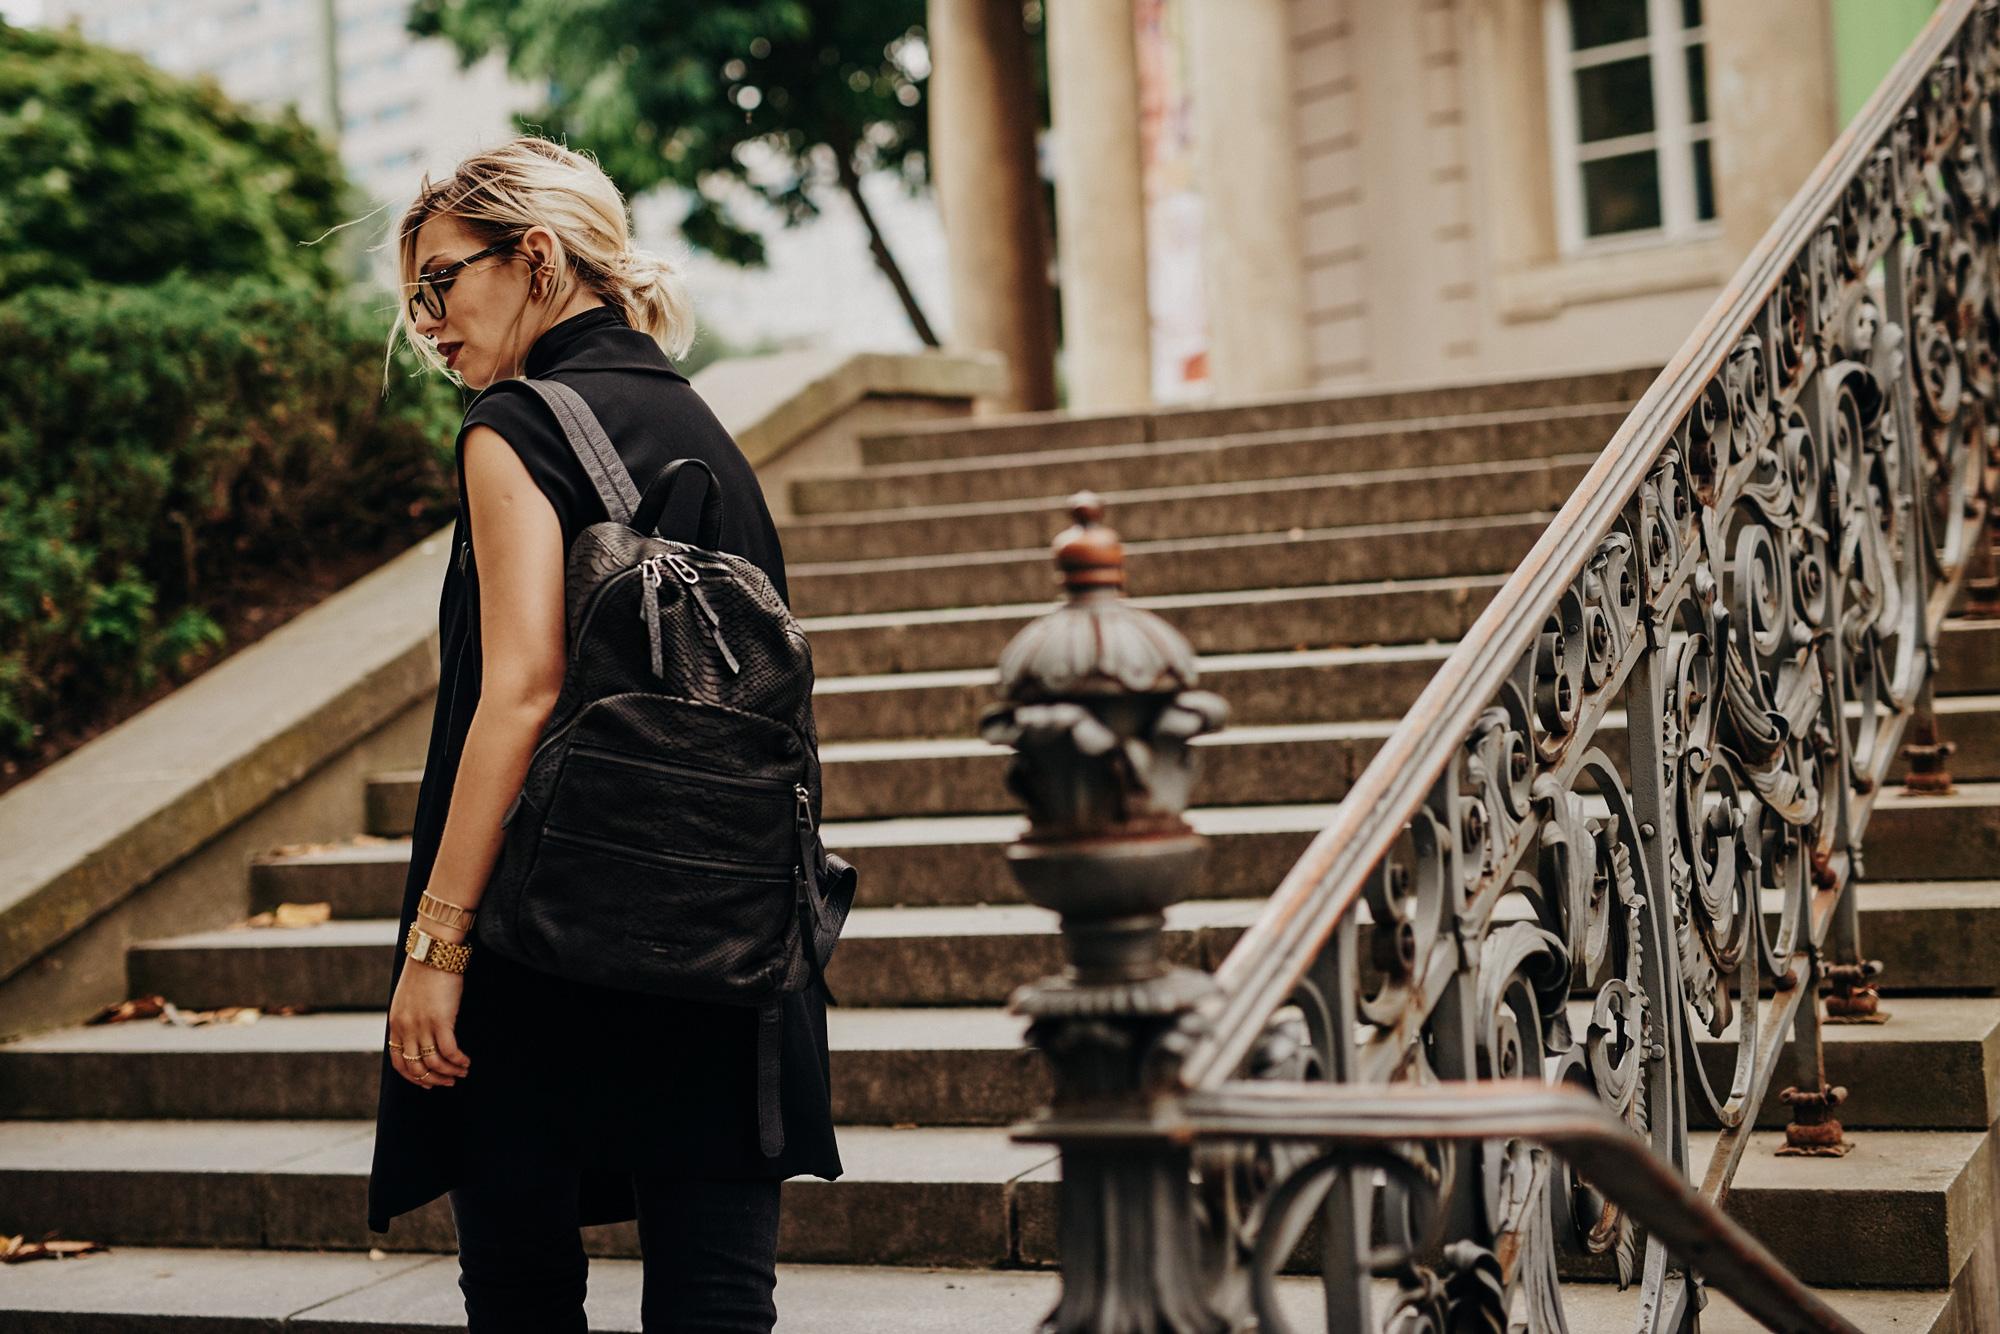 черный | образ, мода| стиль: горячий, черный, темный, бесконечный, шикарный | backpack from Liebeskind, 3.1 Philip Lim Mules